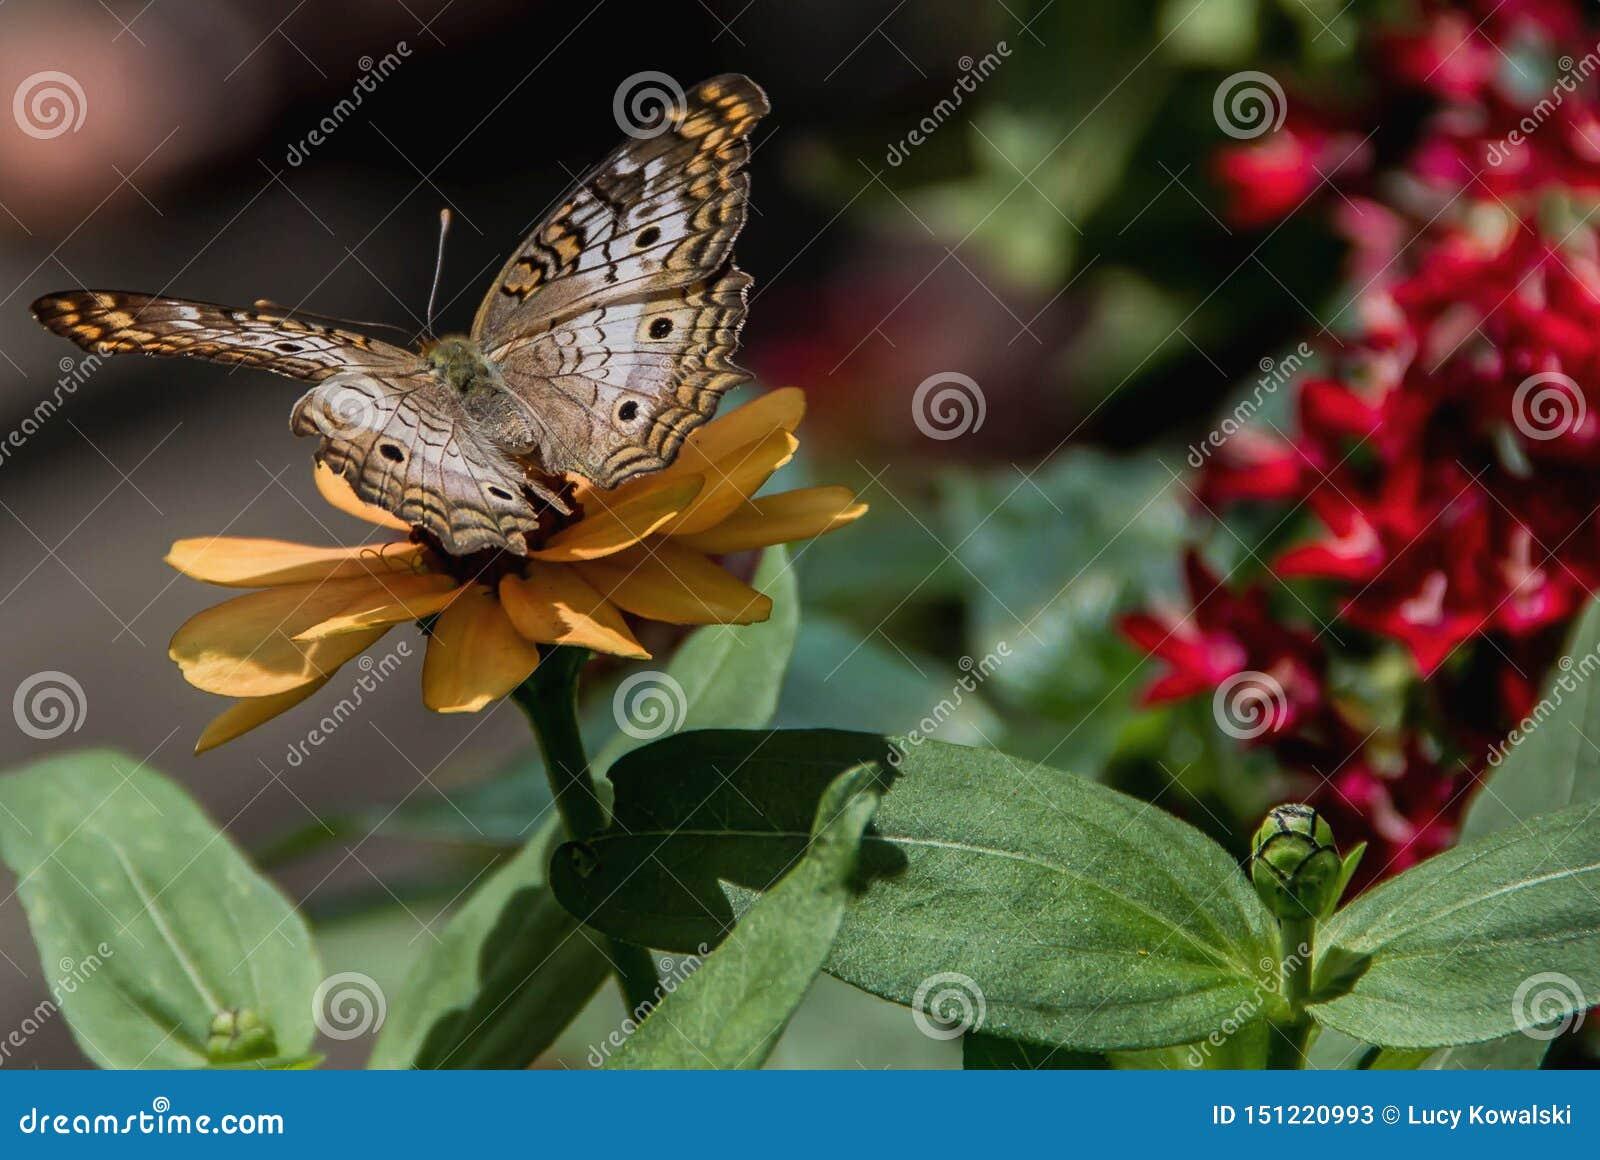 Papillon de paon blanc